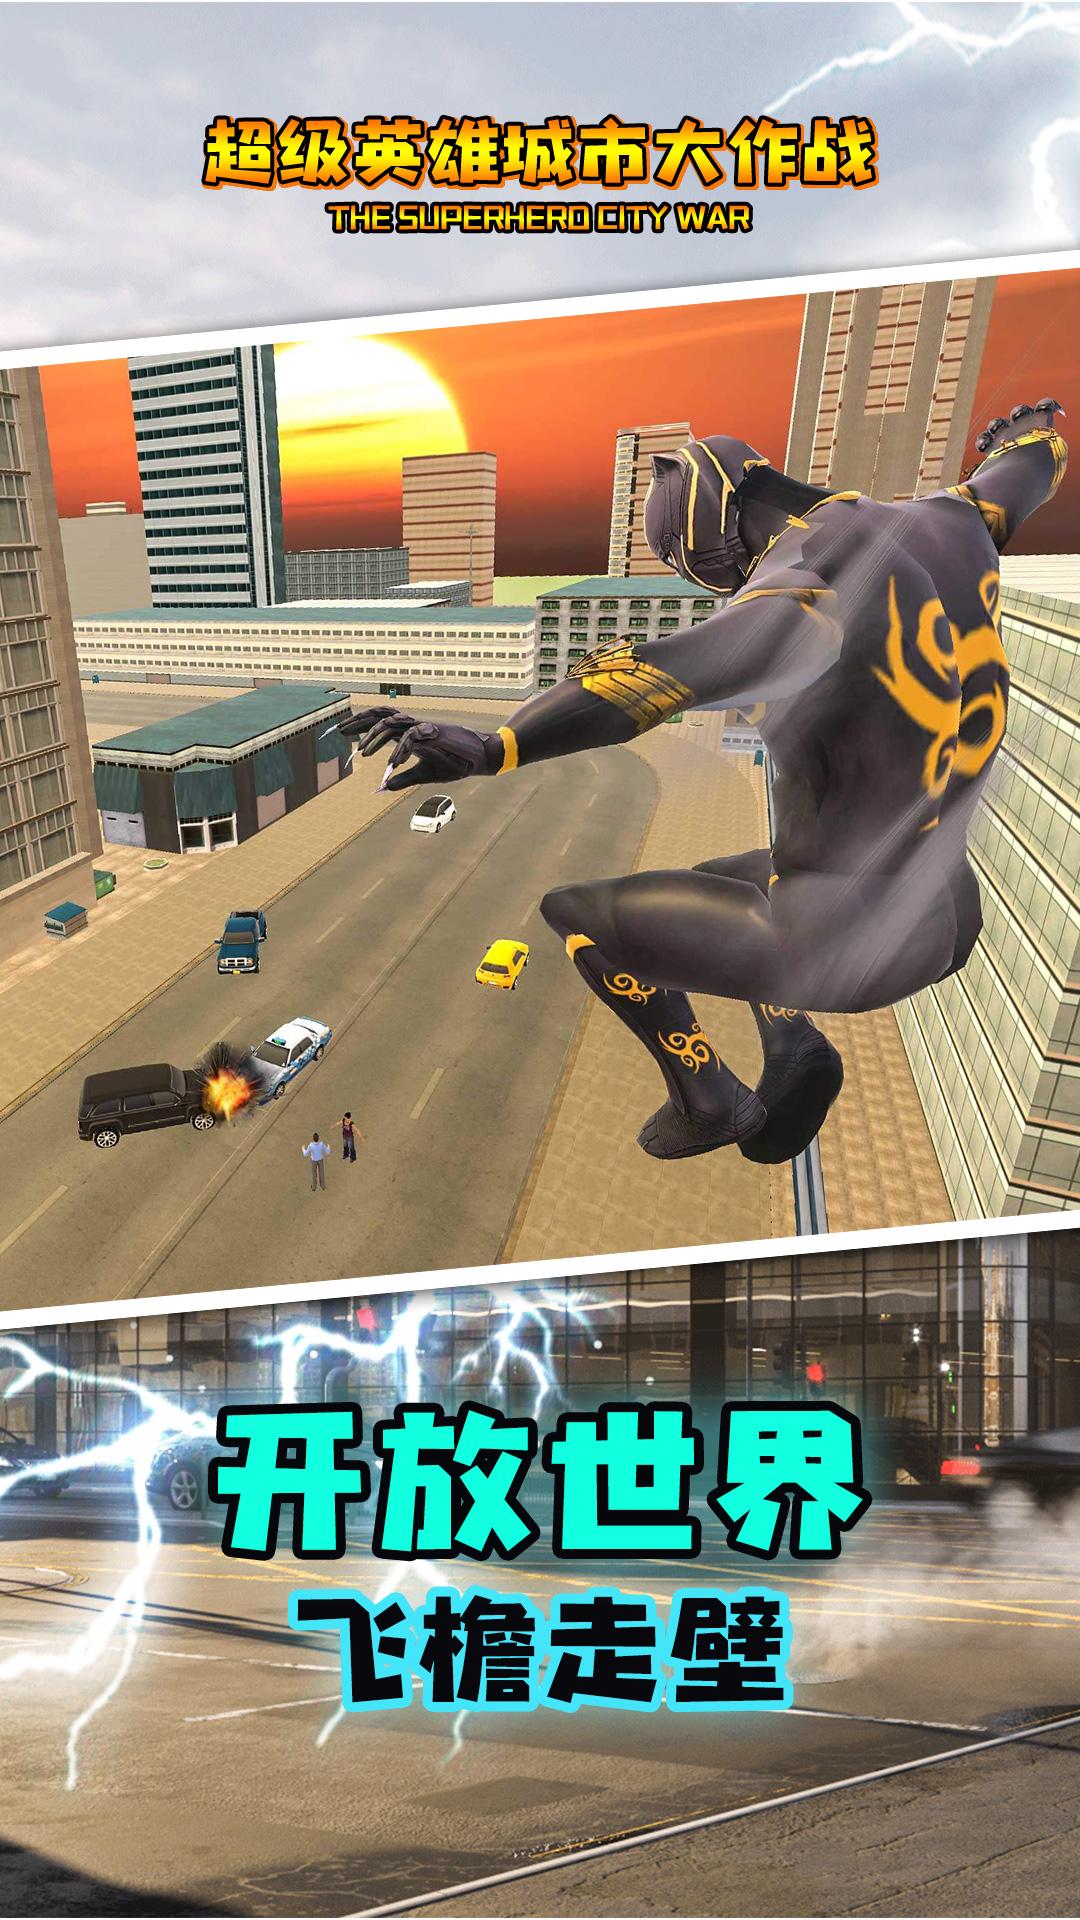 超级英雄城市大作战 APP截图